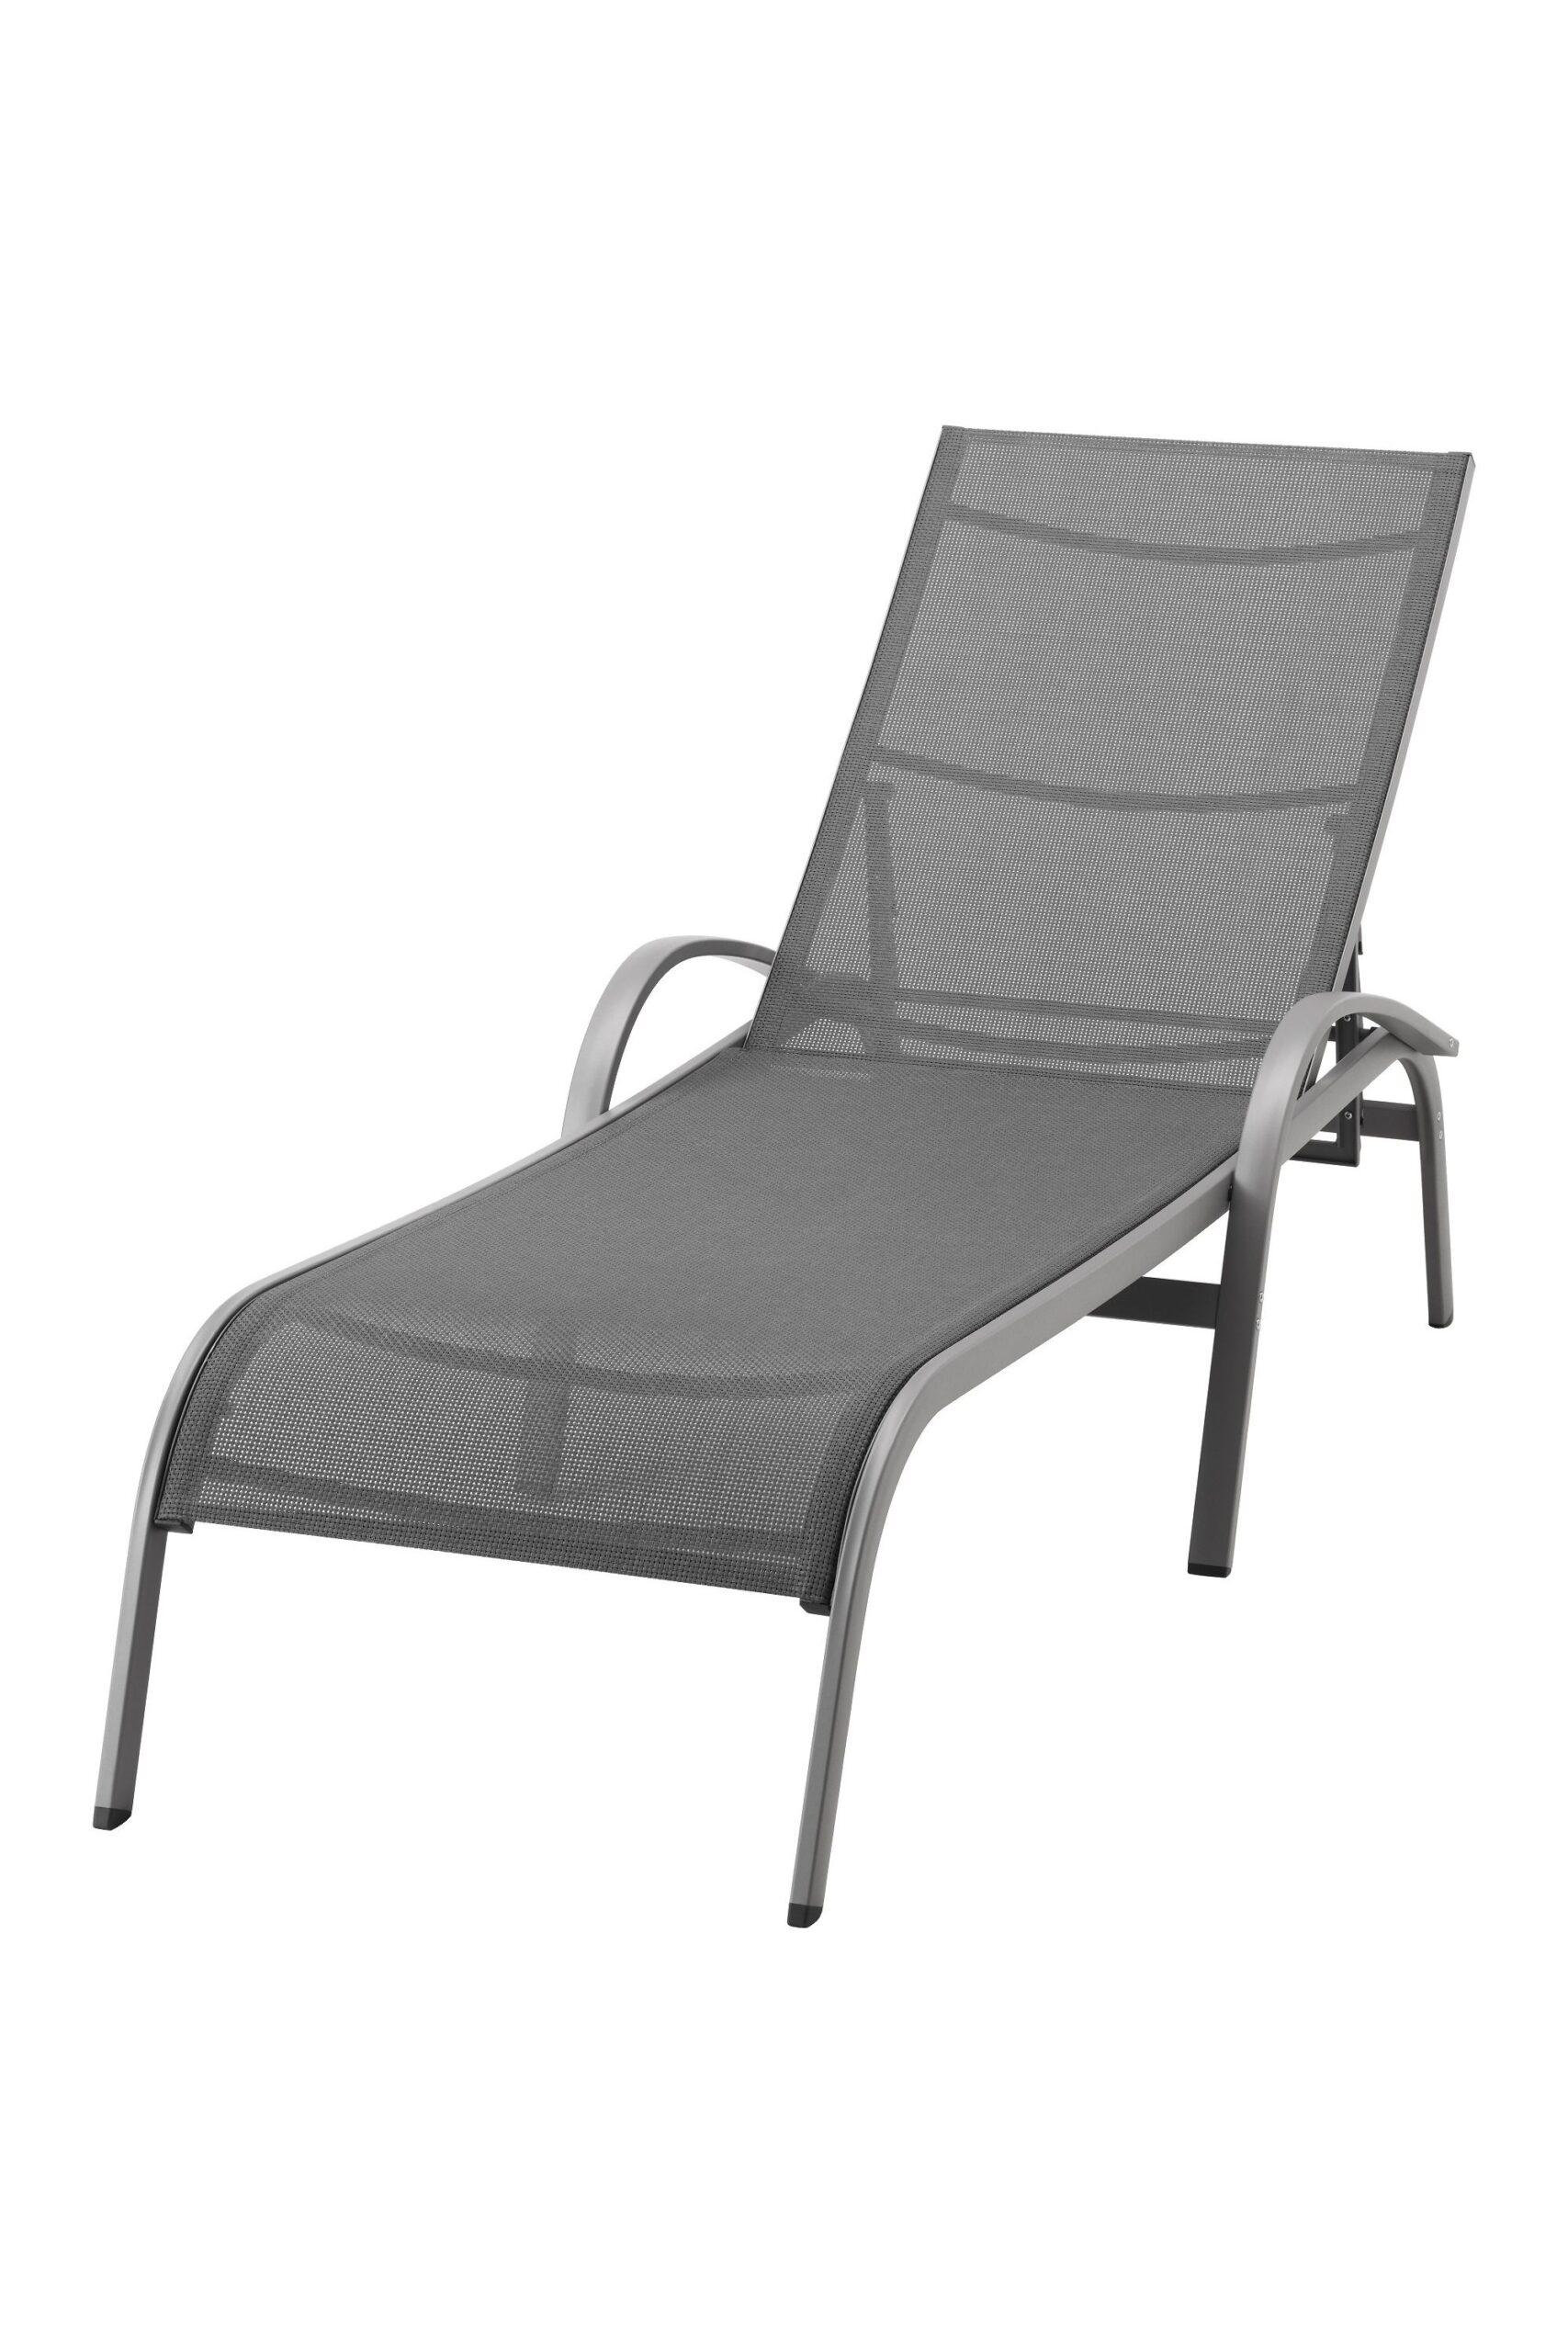 Full Size of Ikea Gartenliege Rattan Gebraucht Klappbar Sonnenliege Küche Kaufen Modulküche Betten 160x200 Bei Miniküche Kosten Sofa Mit Schlaffunktion Wohnzimmer Gartenliege Ikea